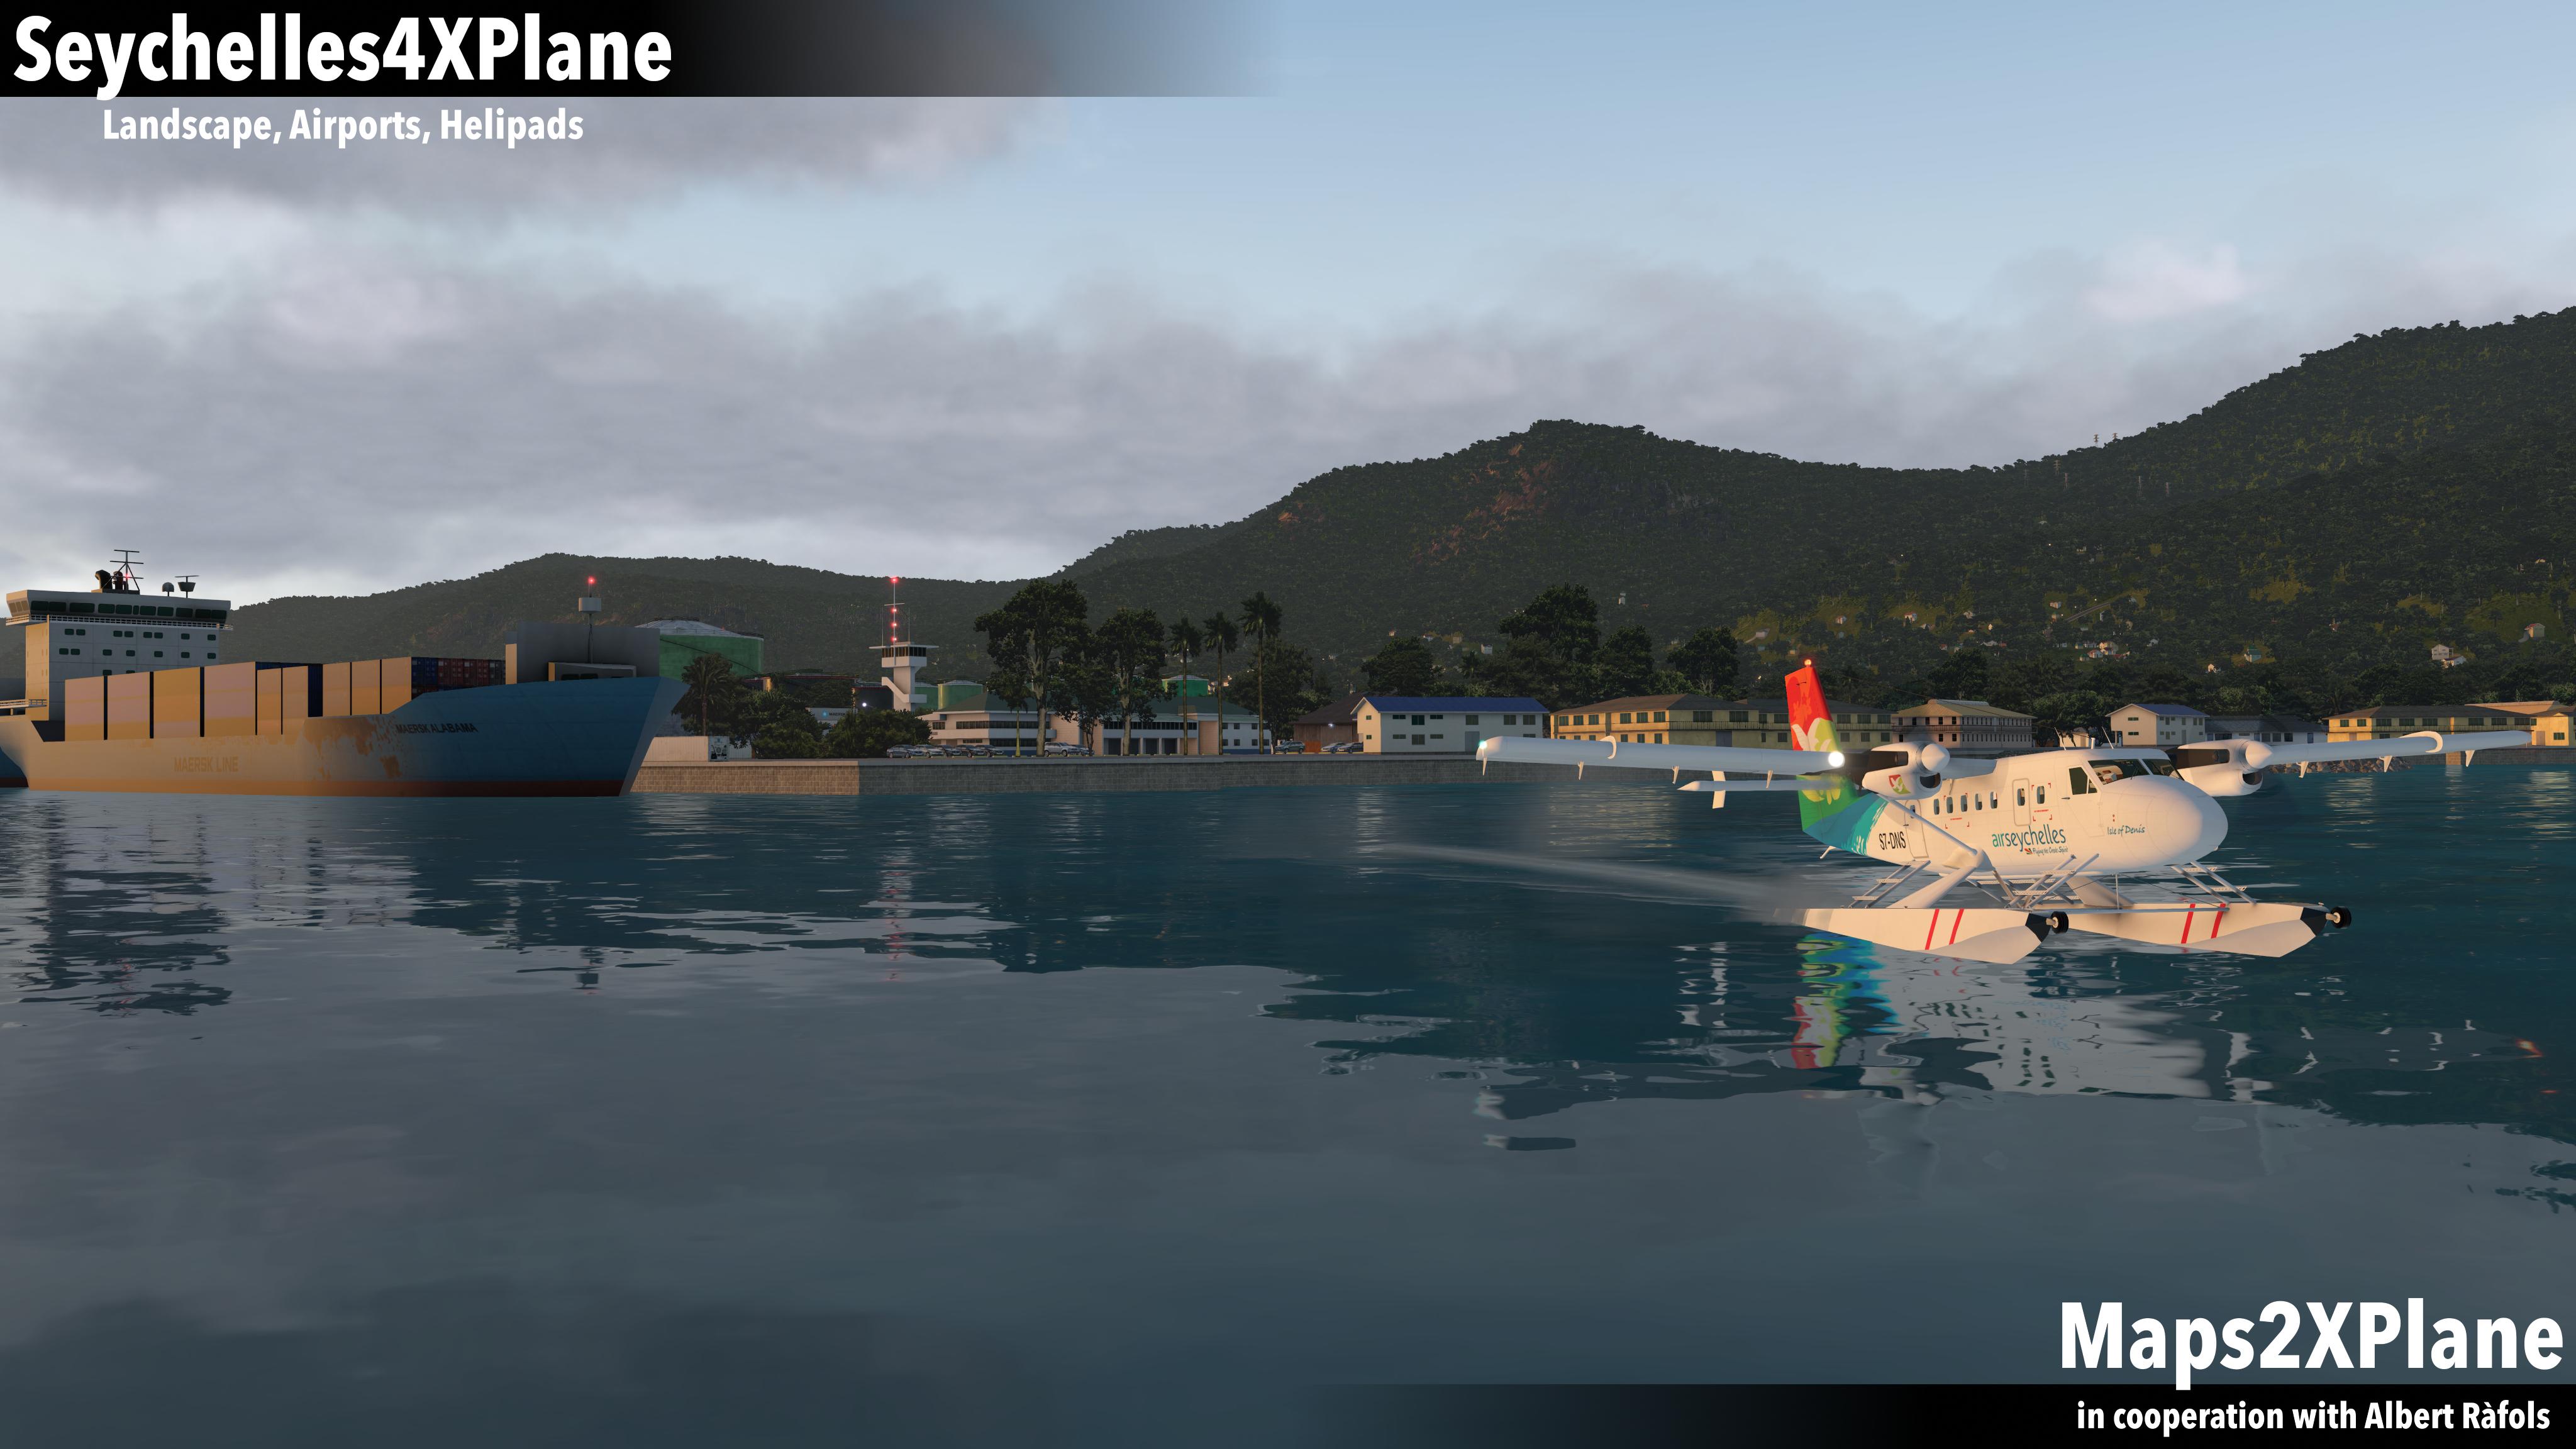 seychelles4xplane_sea_01.jpg